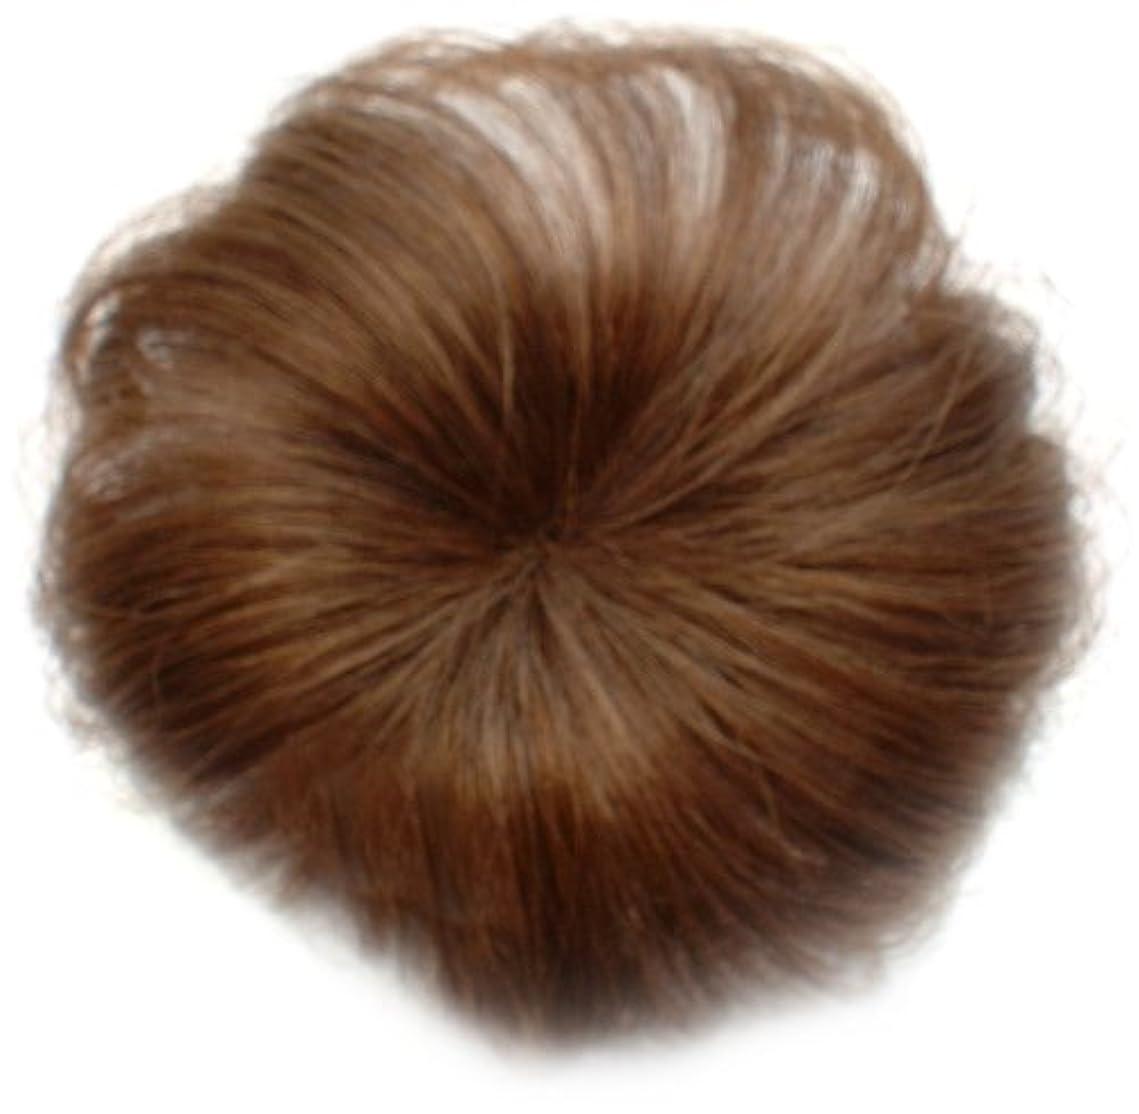 故国契約好きであるPOINT HAIR ポイントヘア L ライトブラウン №6